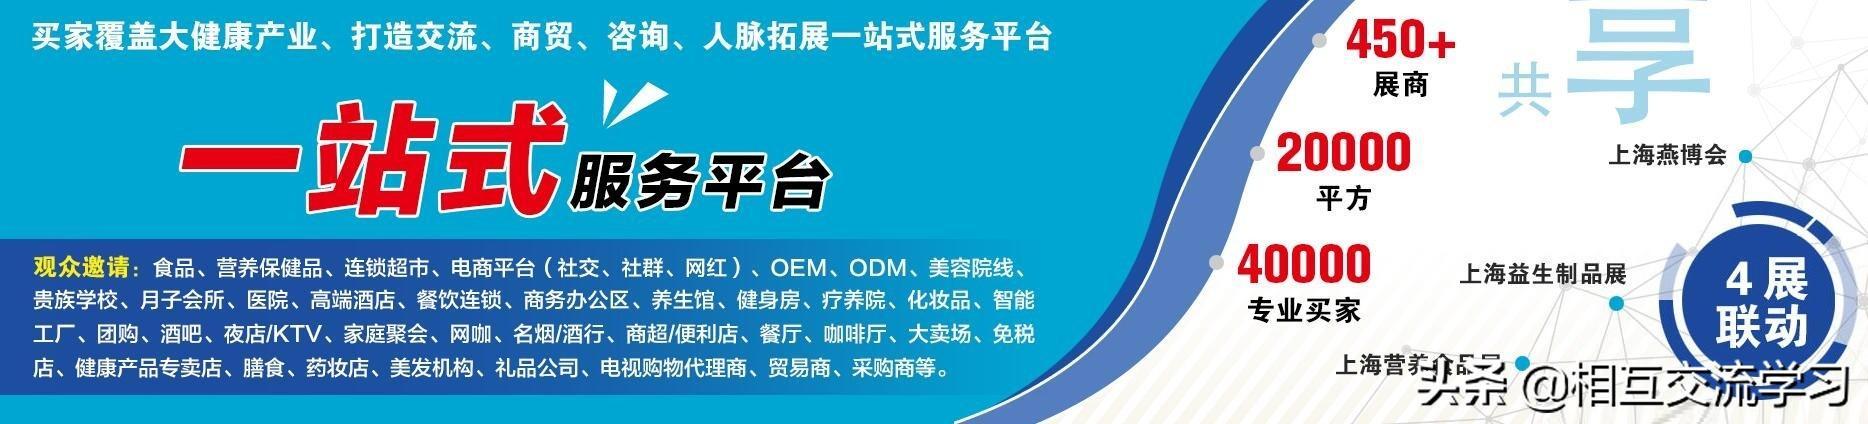 电商、微商界大咖齐聚2020年8月上海酵素展,不得不知的事件!